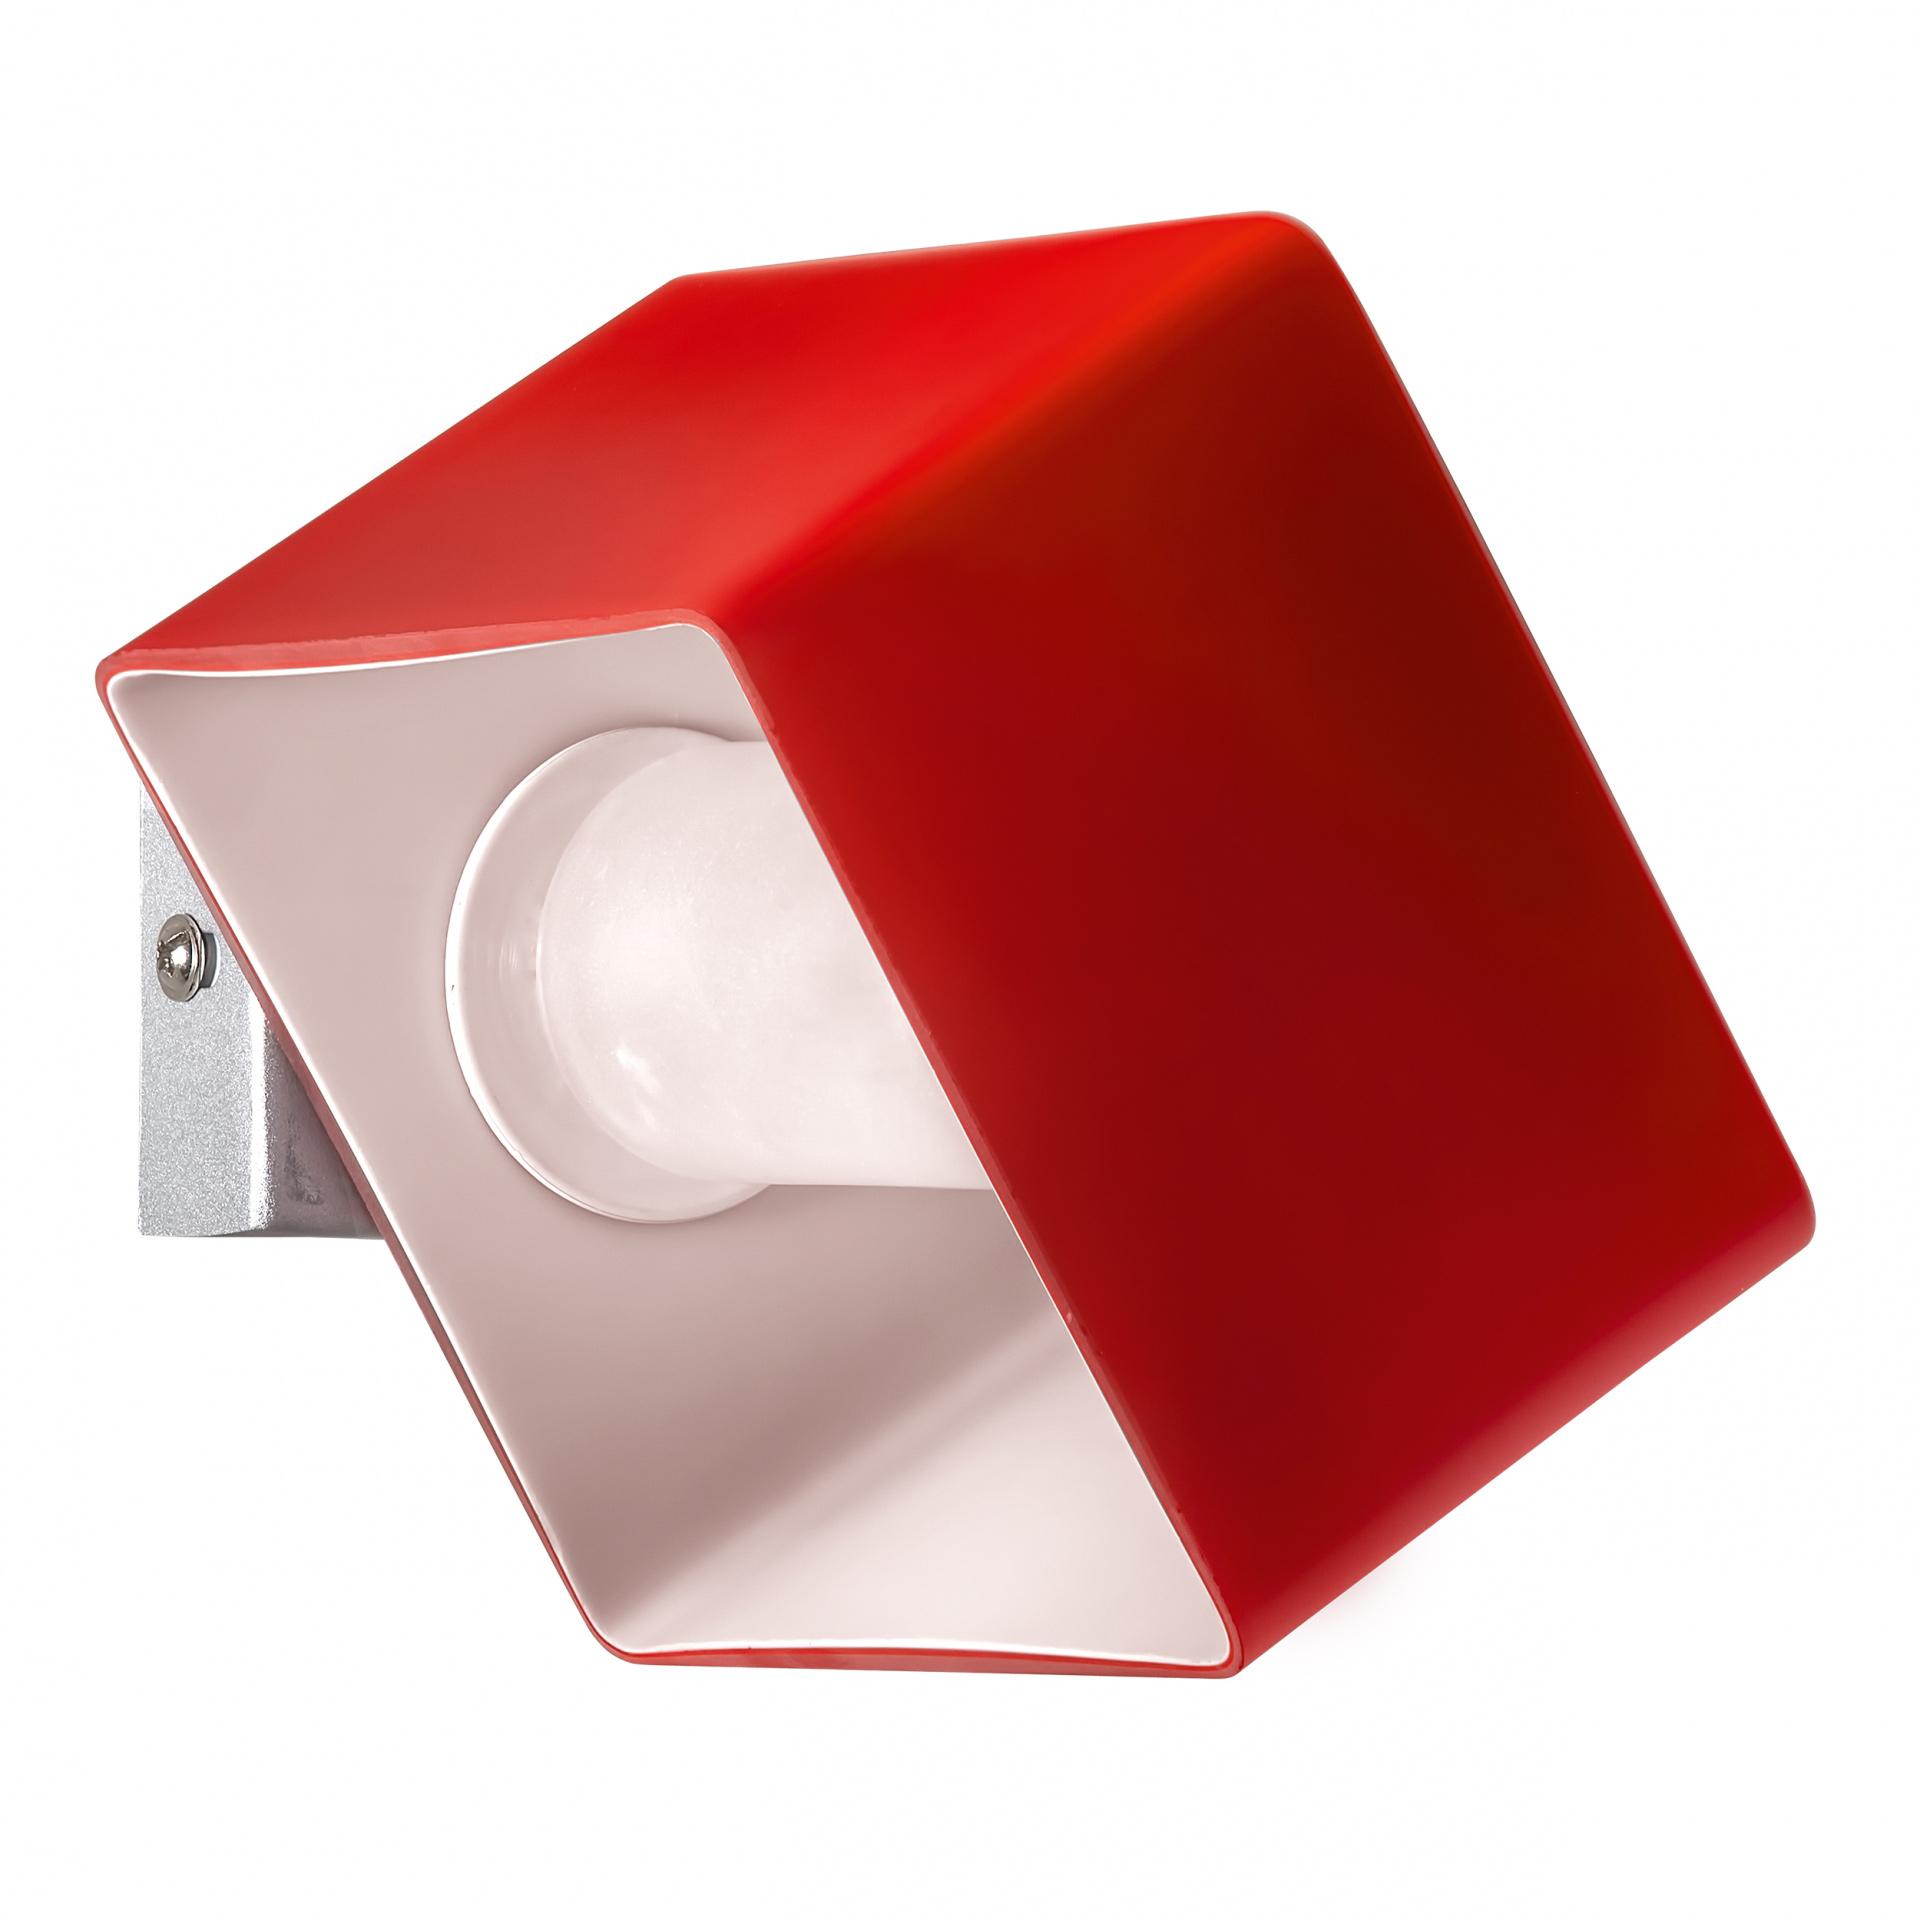 Светильник настенный Pezzo 1х40W G9 хром/красный Lightstar 801612, купить в СПб, Москве, с доставкой, Санкт-Петербург, интернет-магазин люстр и светильников Starlight, фото в жизни